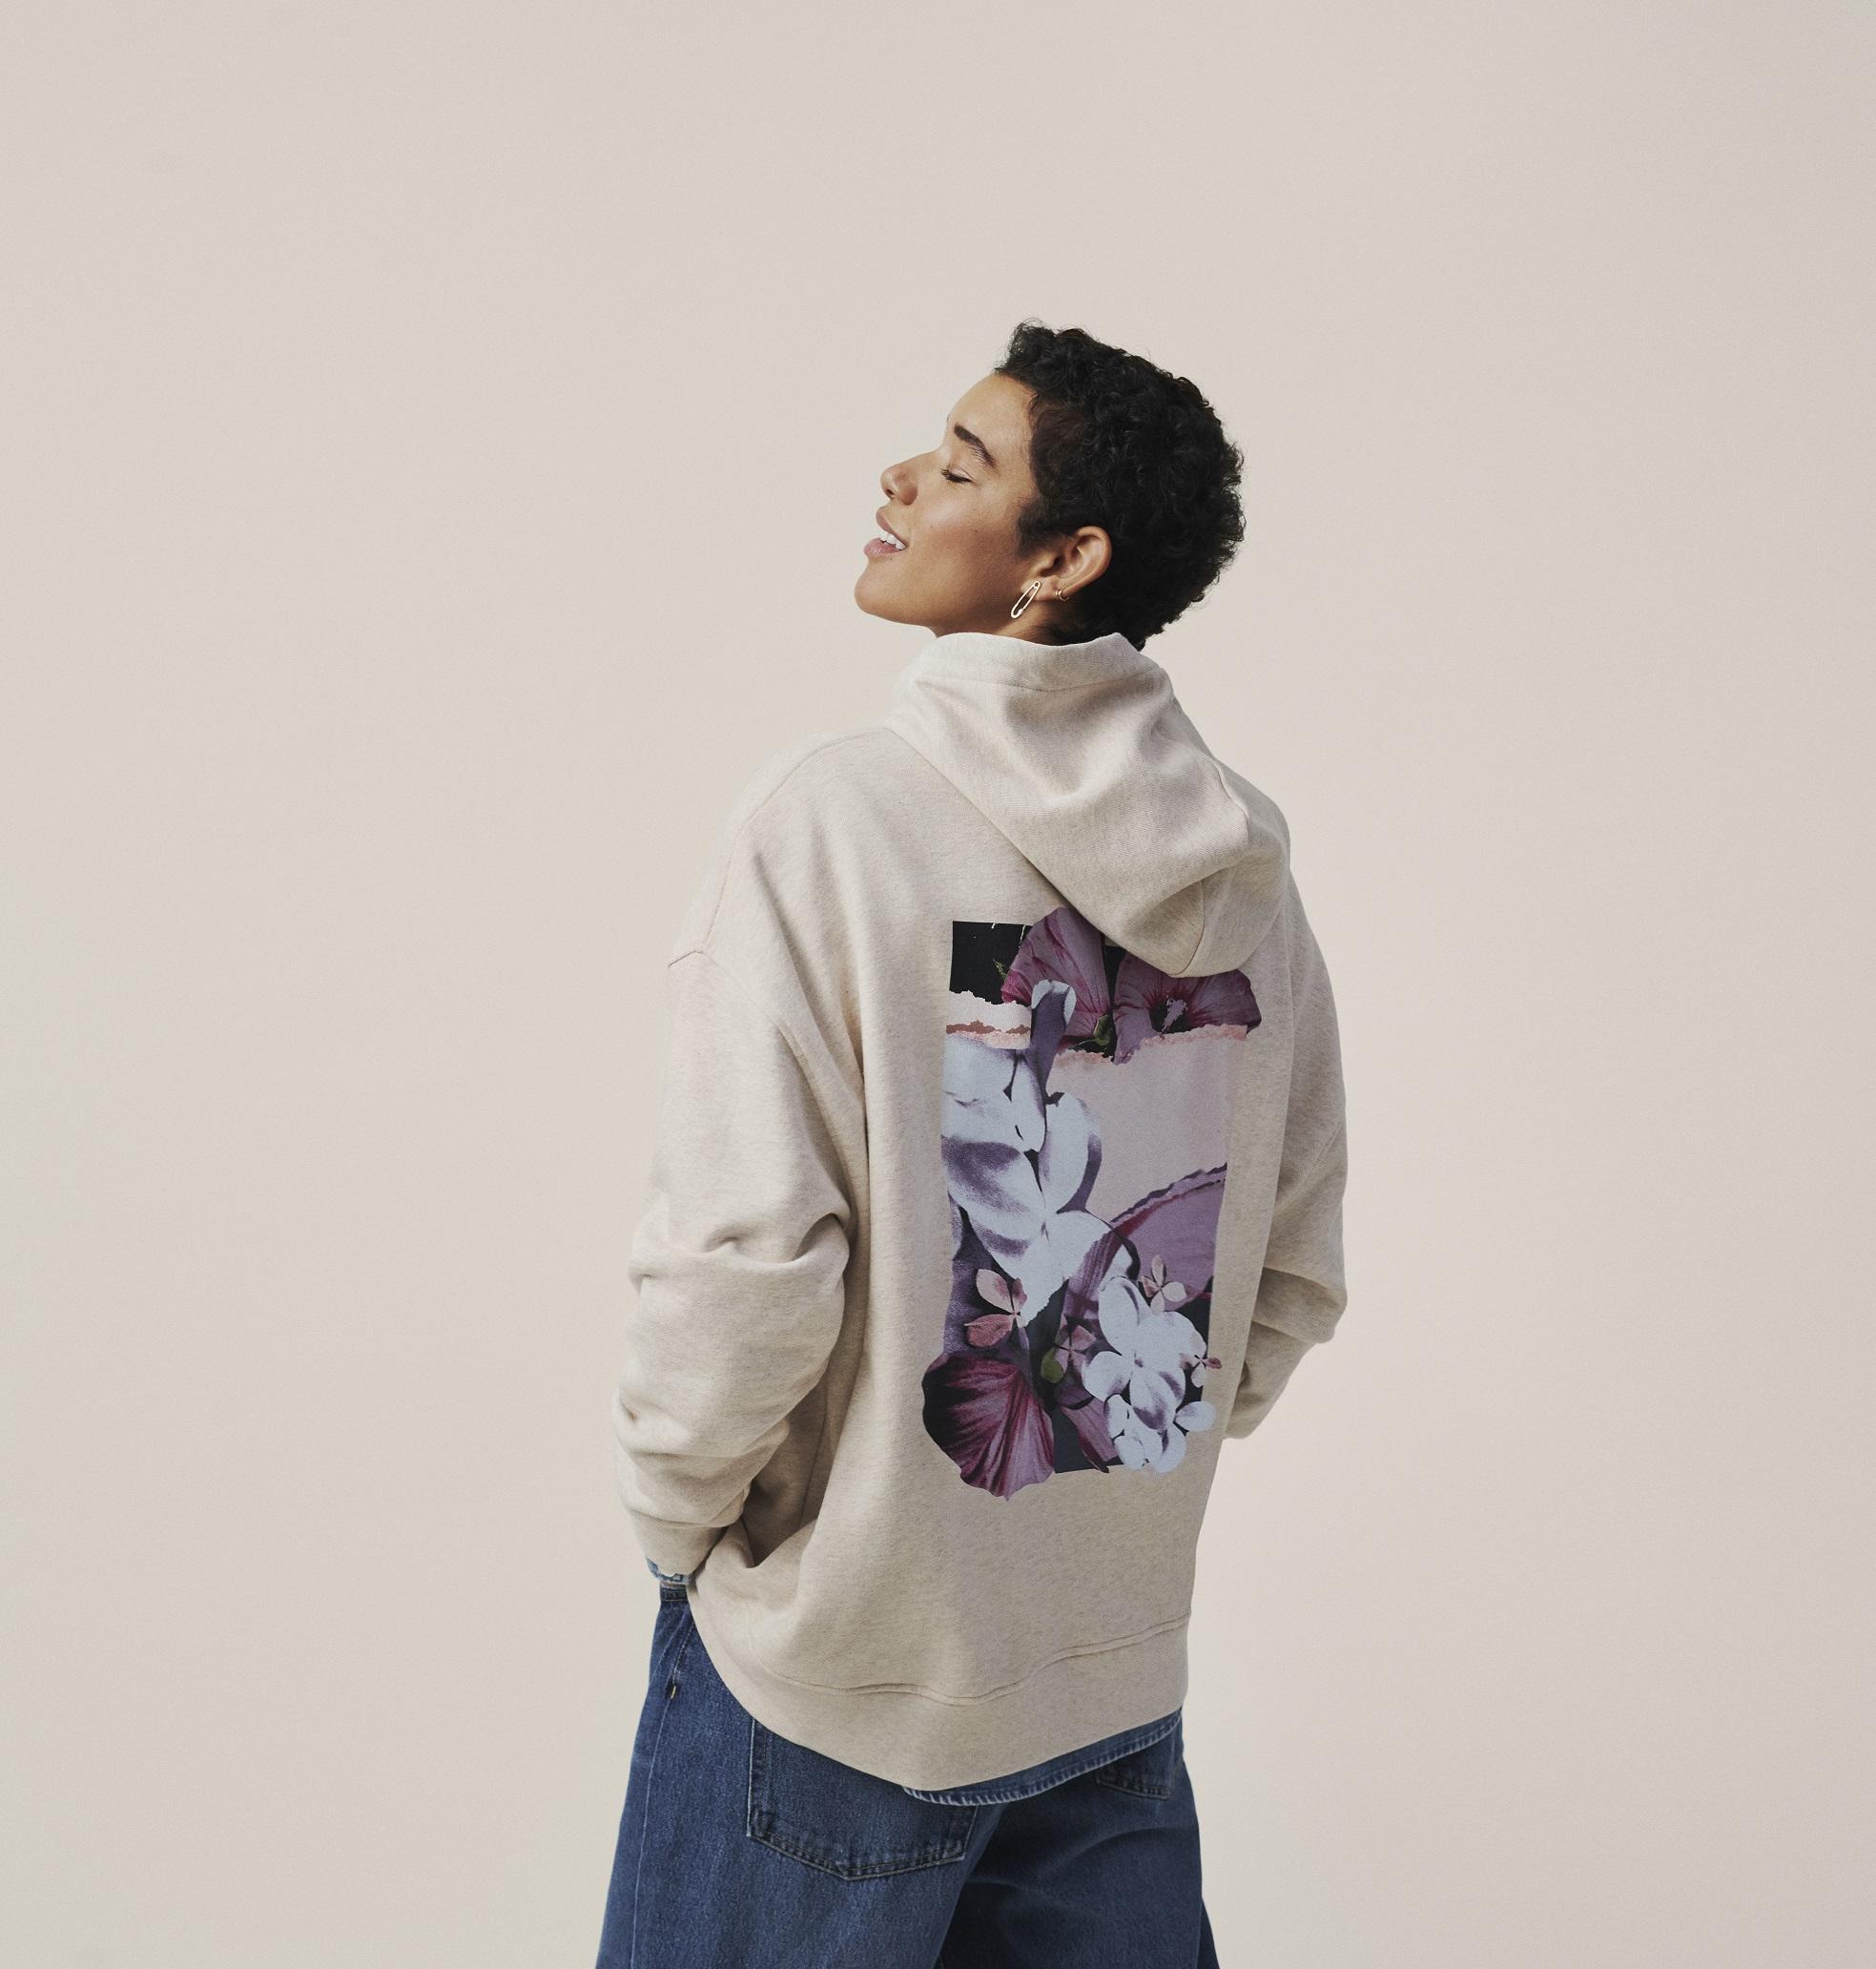 H&M i Helena Christensen kreirali capsule kolekciju